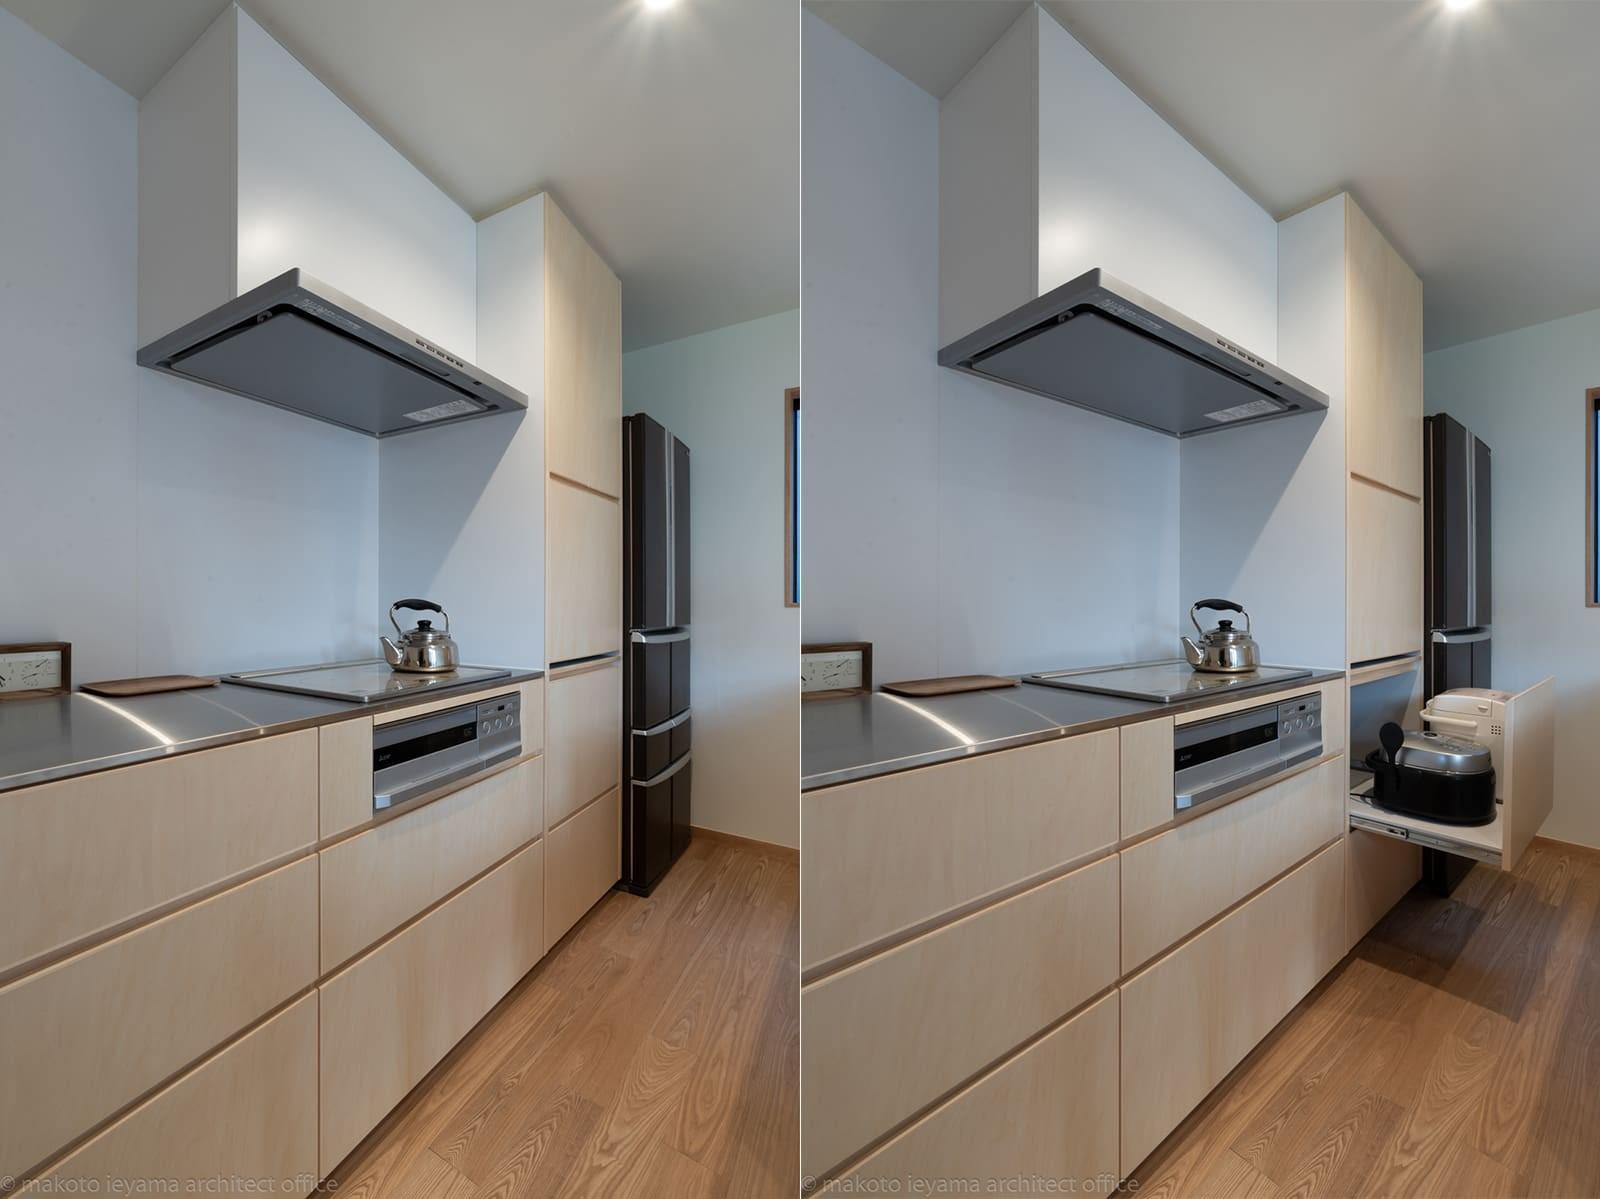 キッチン事例:キッチン(円光寺の家|内部と外部が繋がるミニマルな住宅)